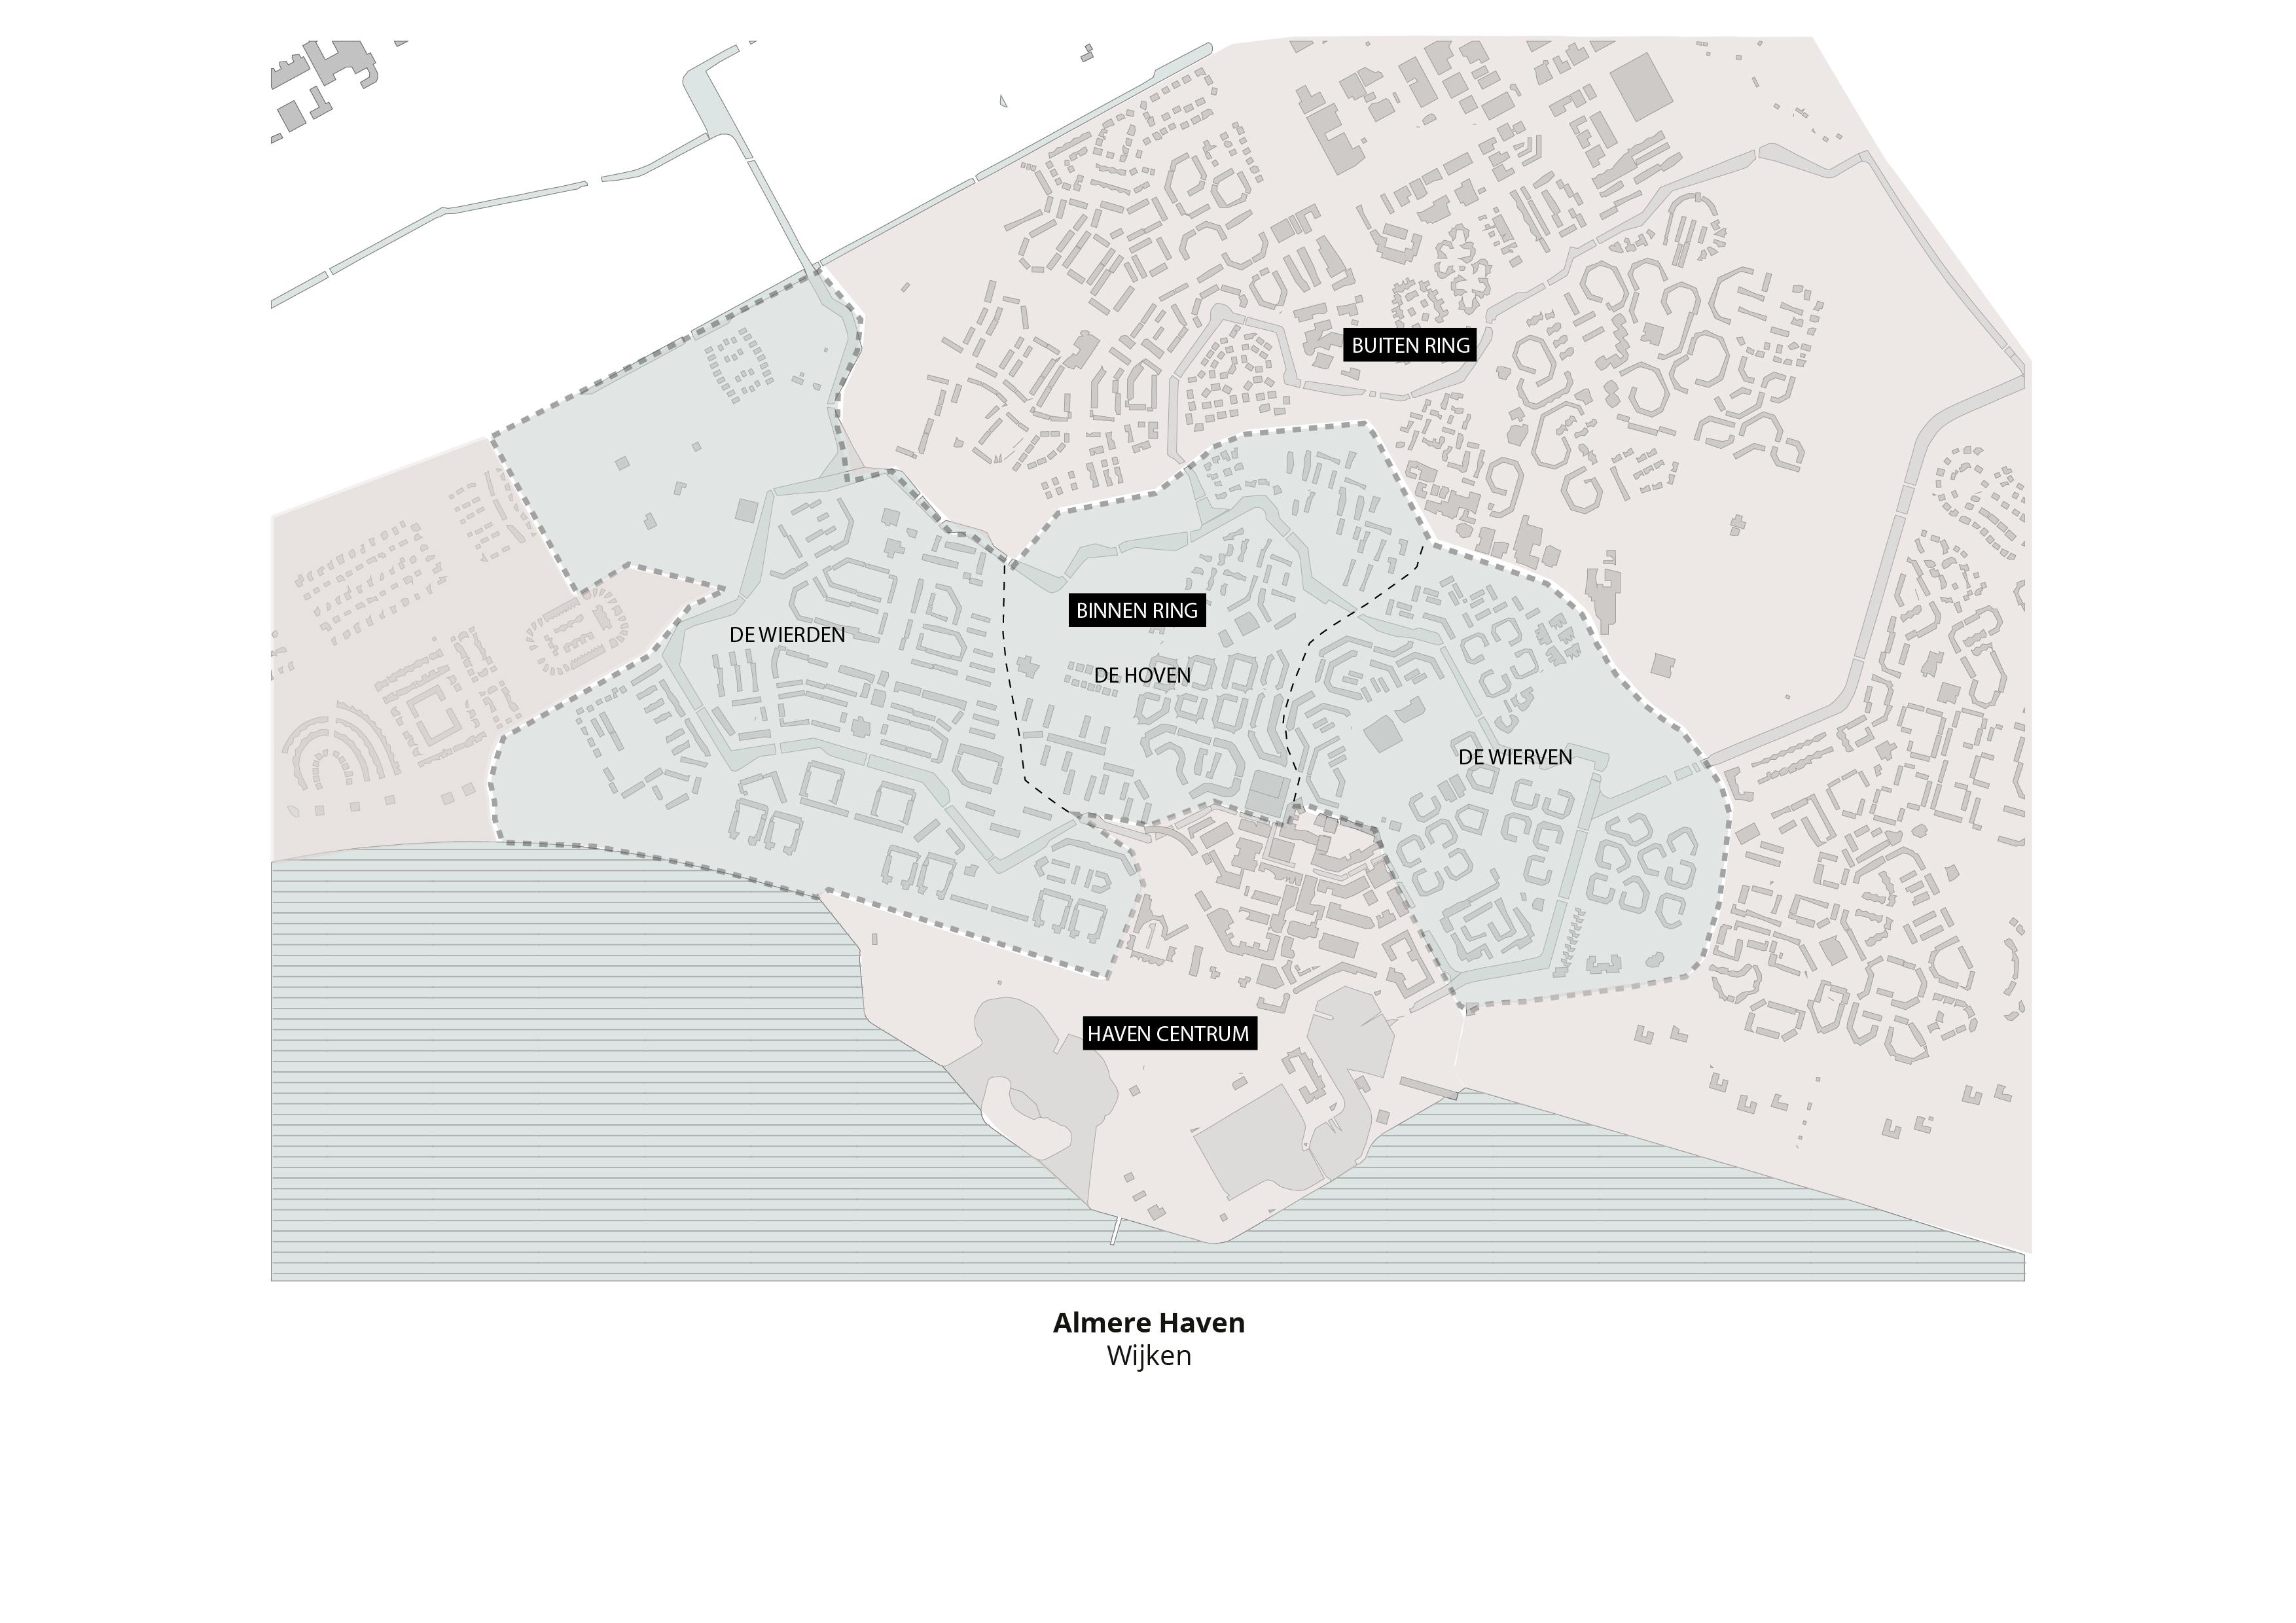 Koppelknopen Almere Haven – Wijken